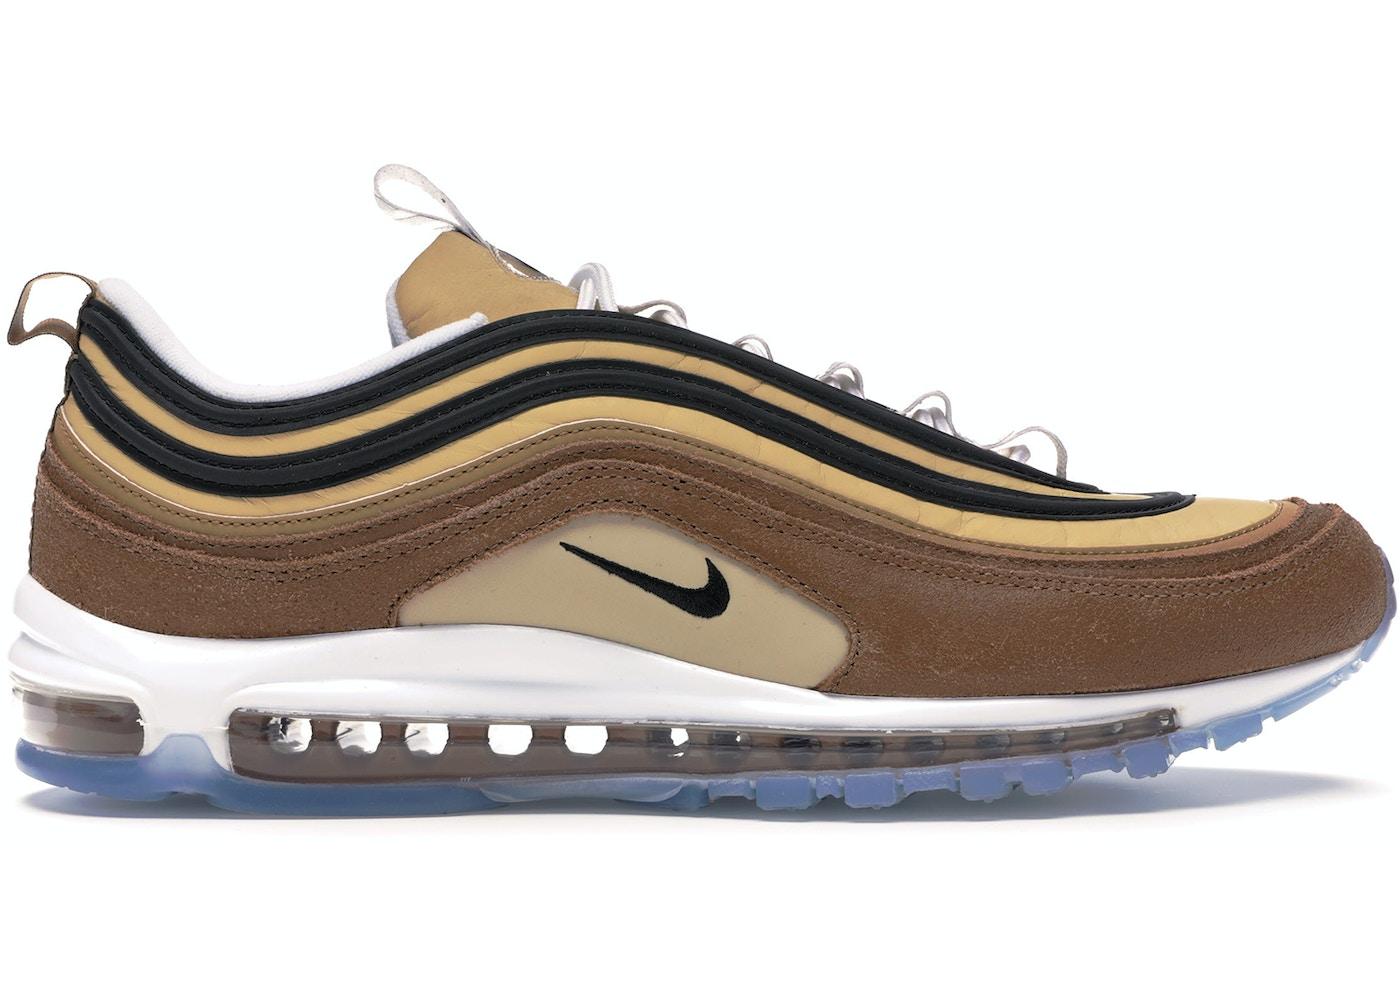 detailed look aeaf8 ea42e Buy Nike Air Max 97 Shoes & Deadstock Sneakers